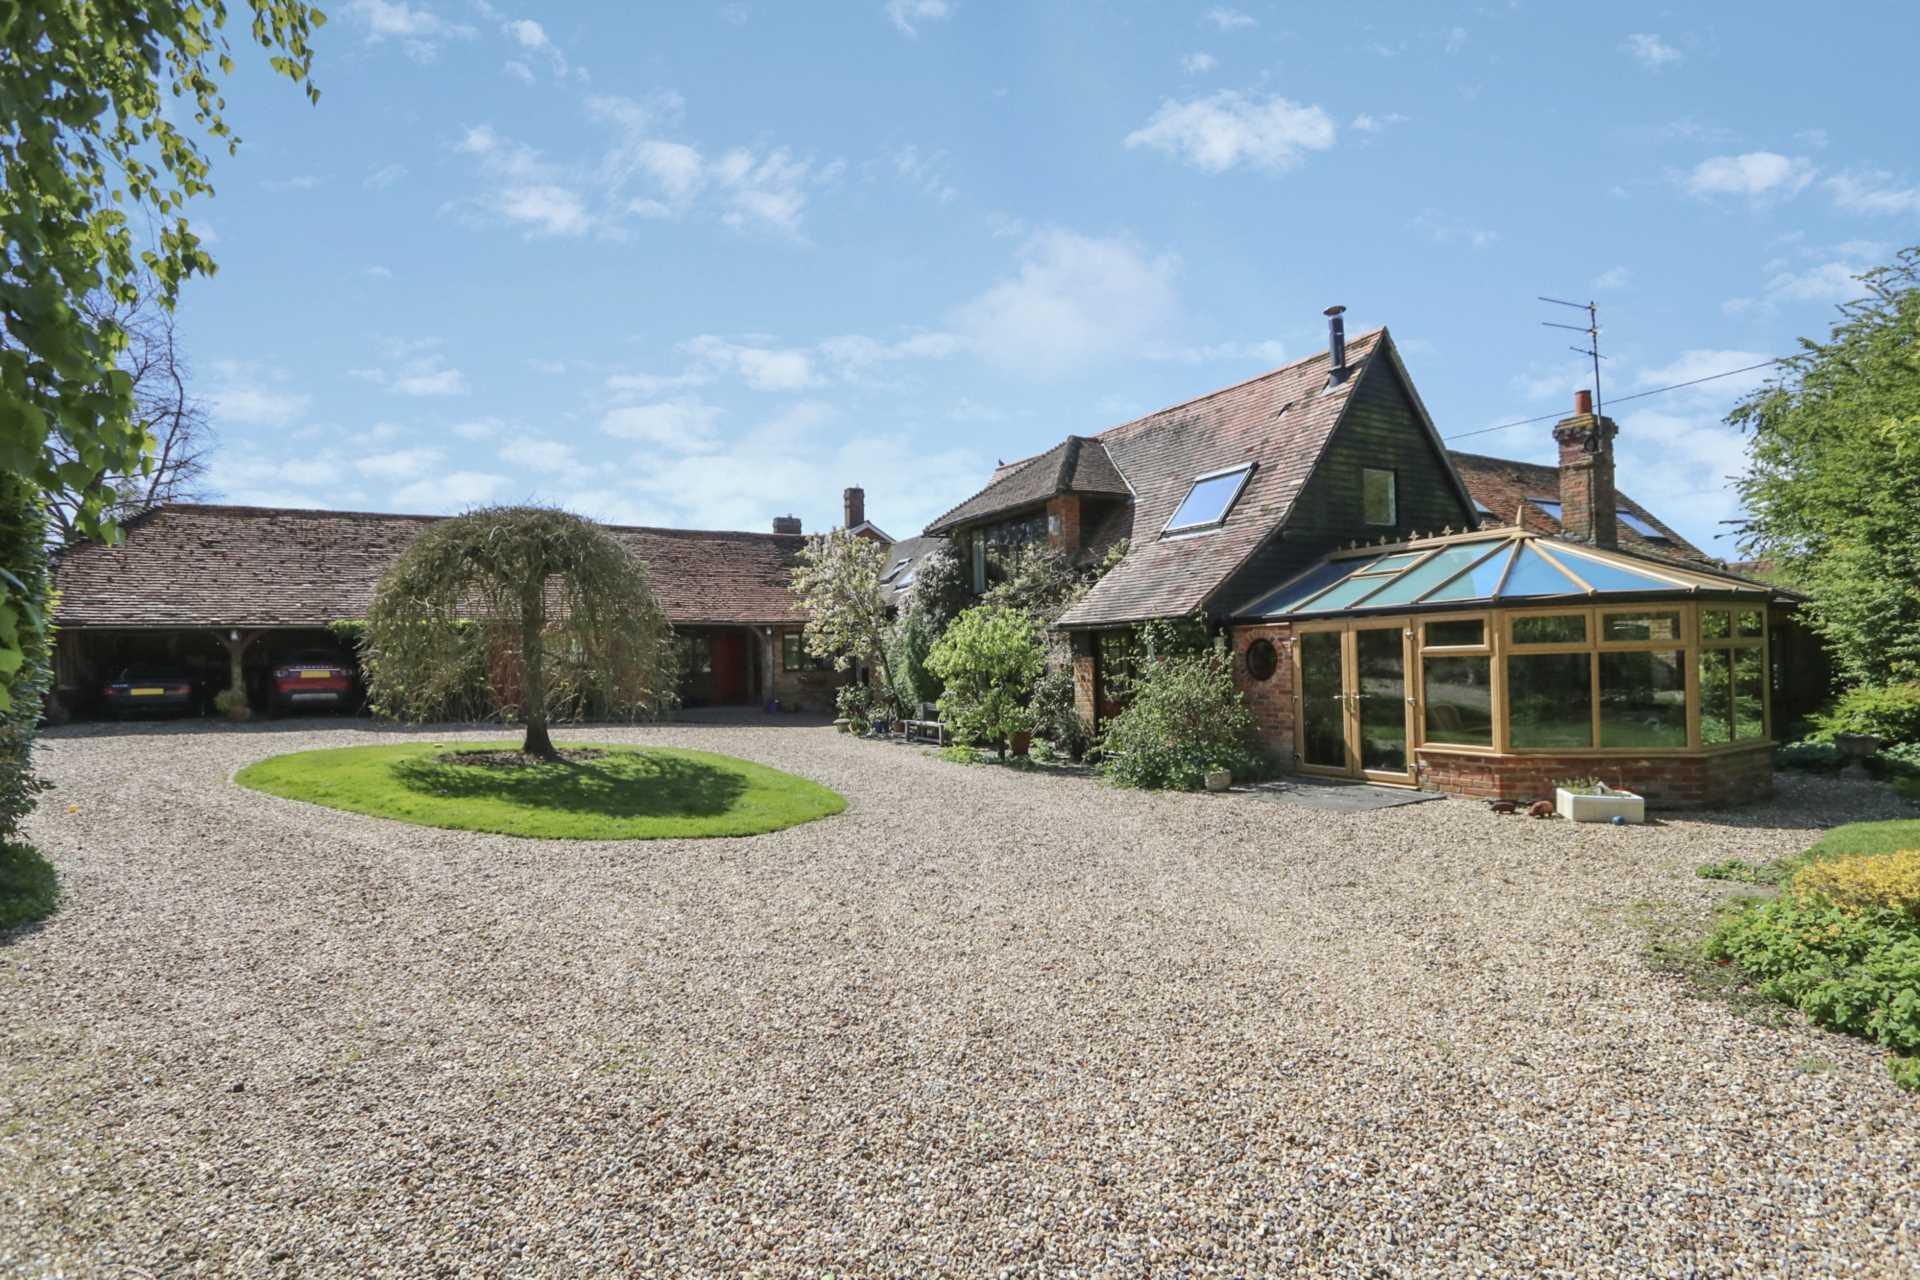 Blandys Lane, Upper Basildon, Berkshire, Image 13